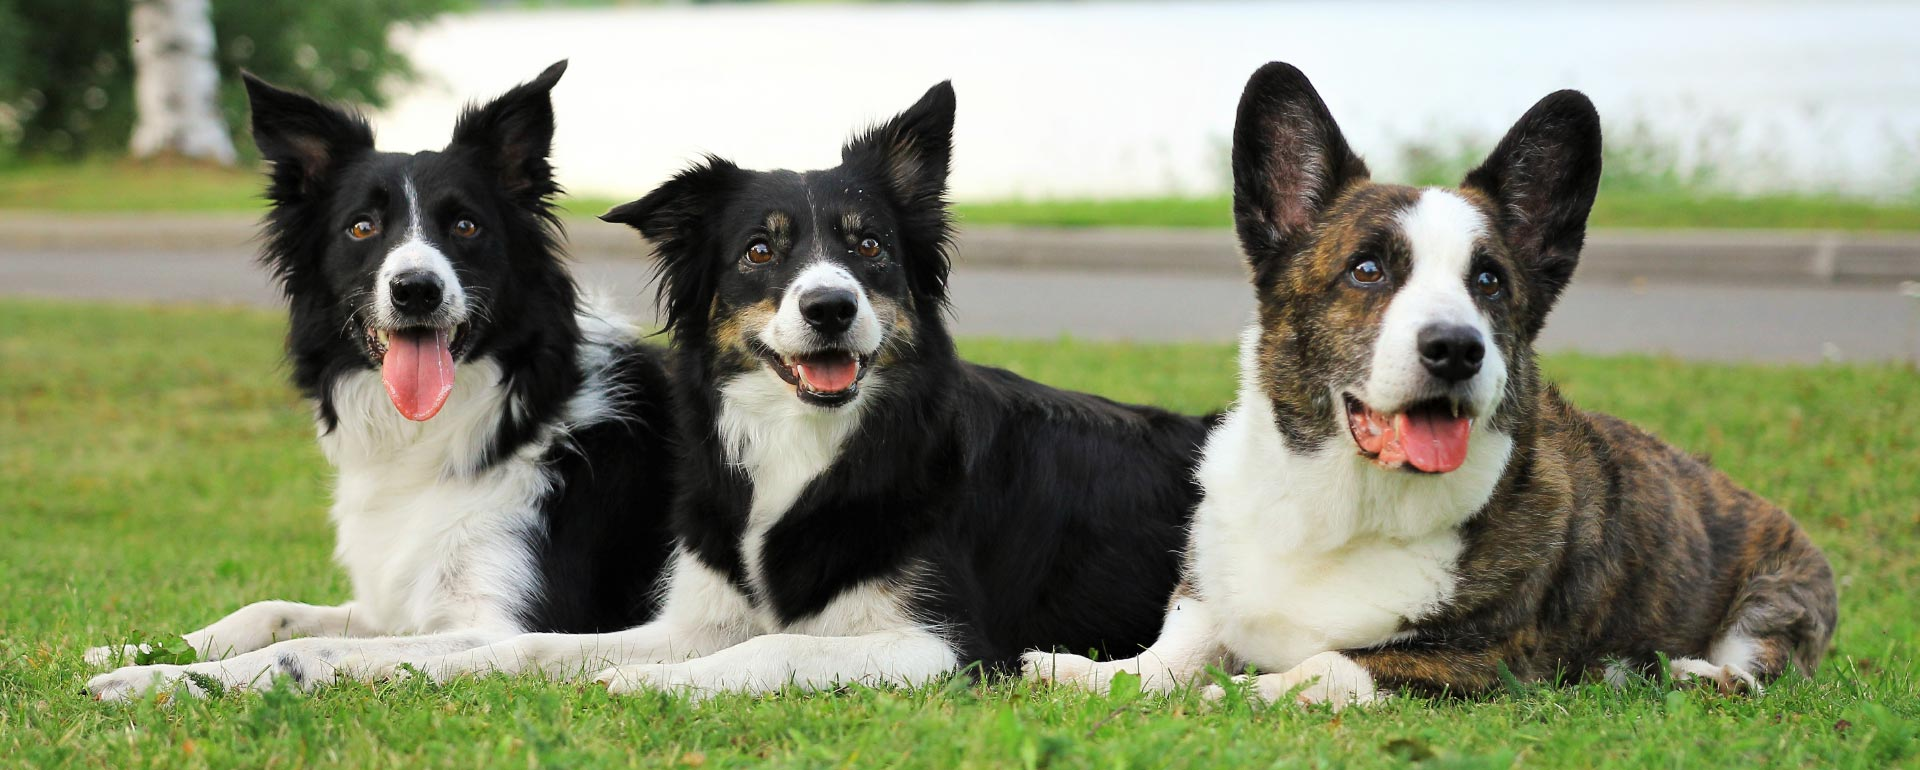 Kolme koiraa makaa nurmikolla